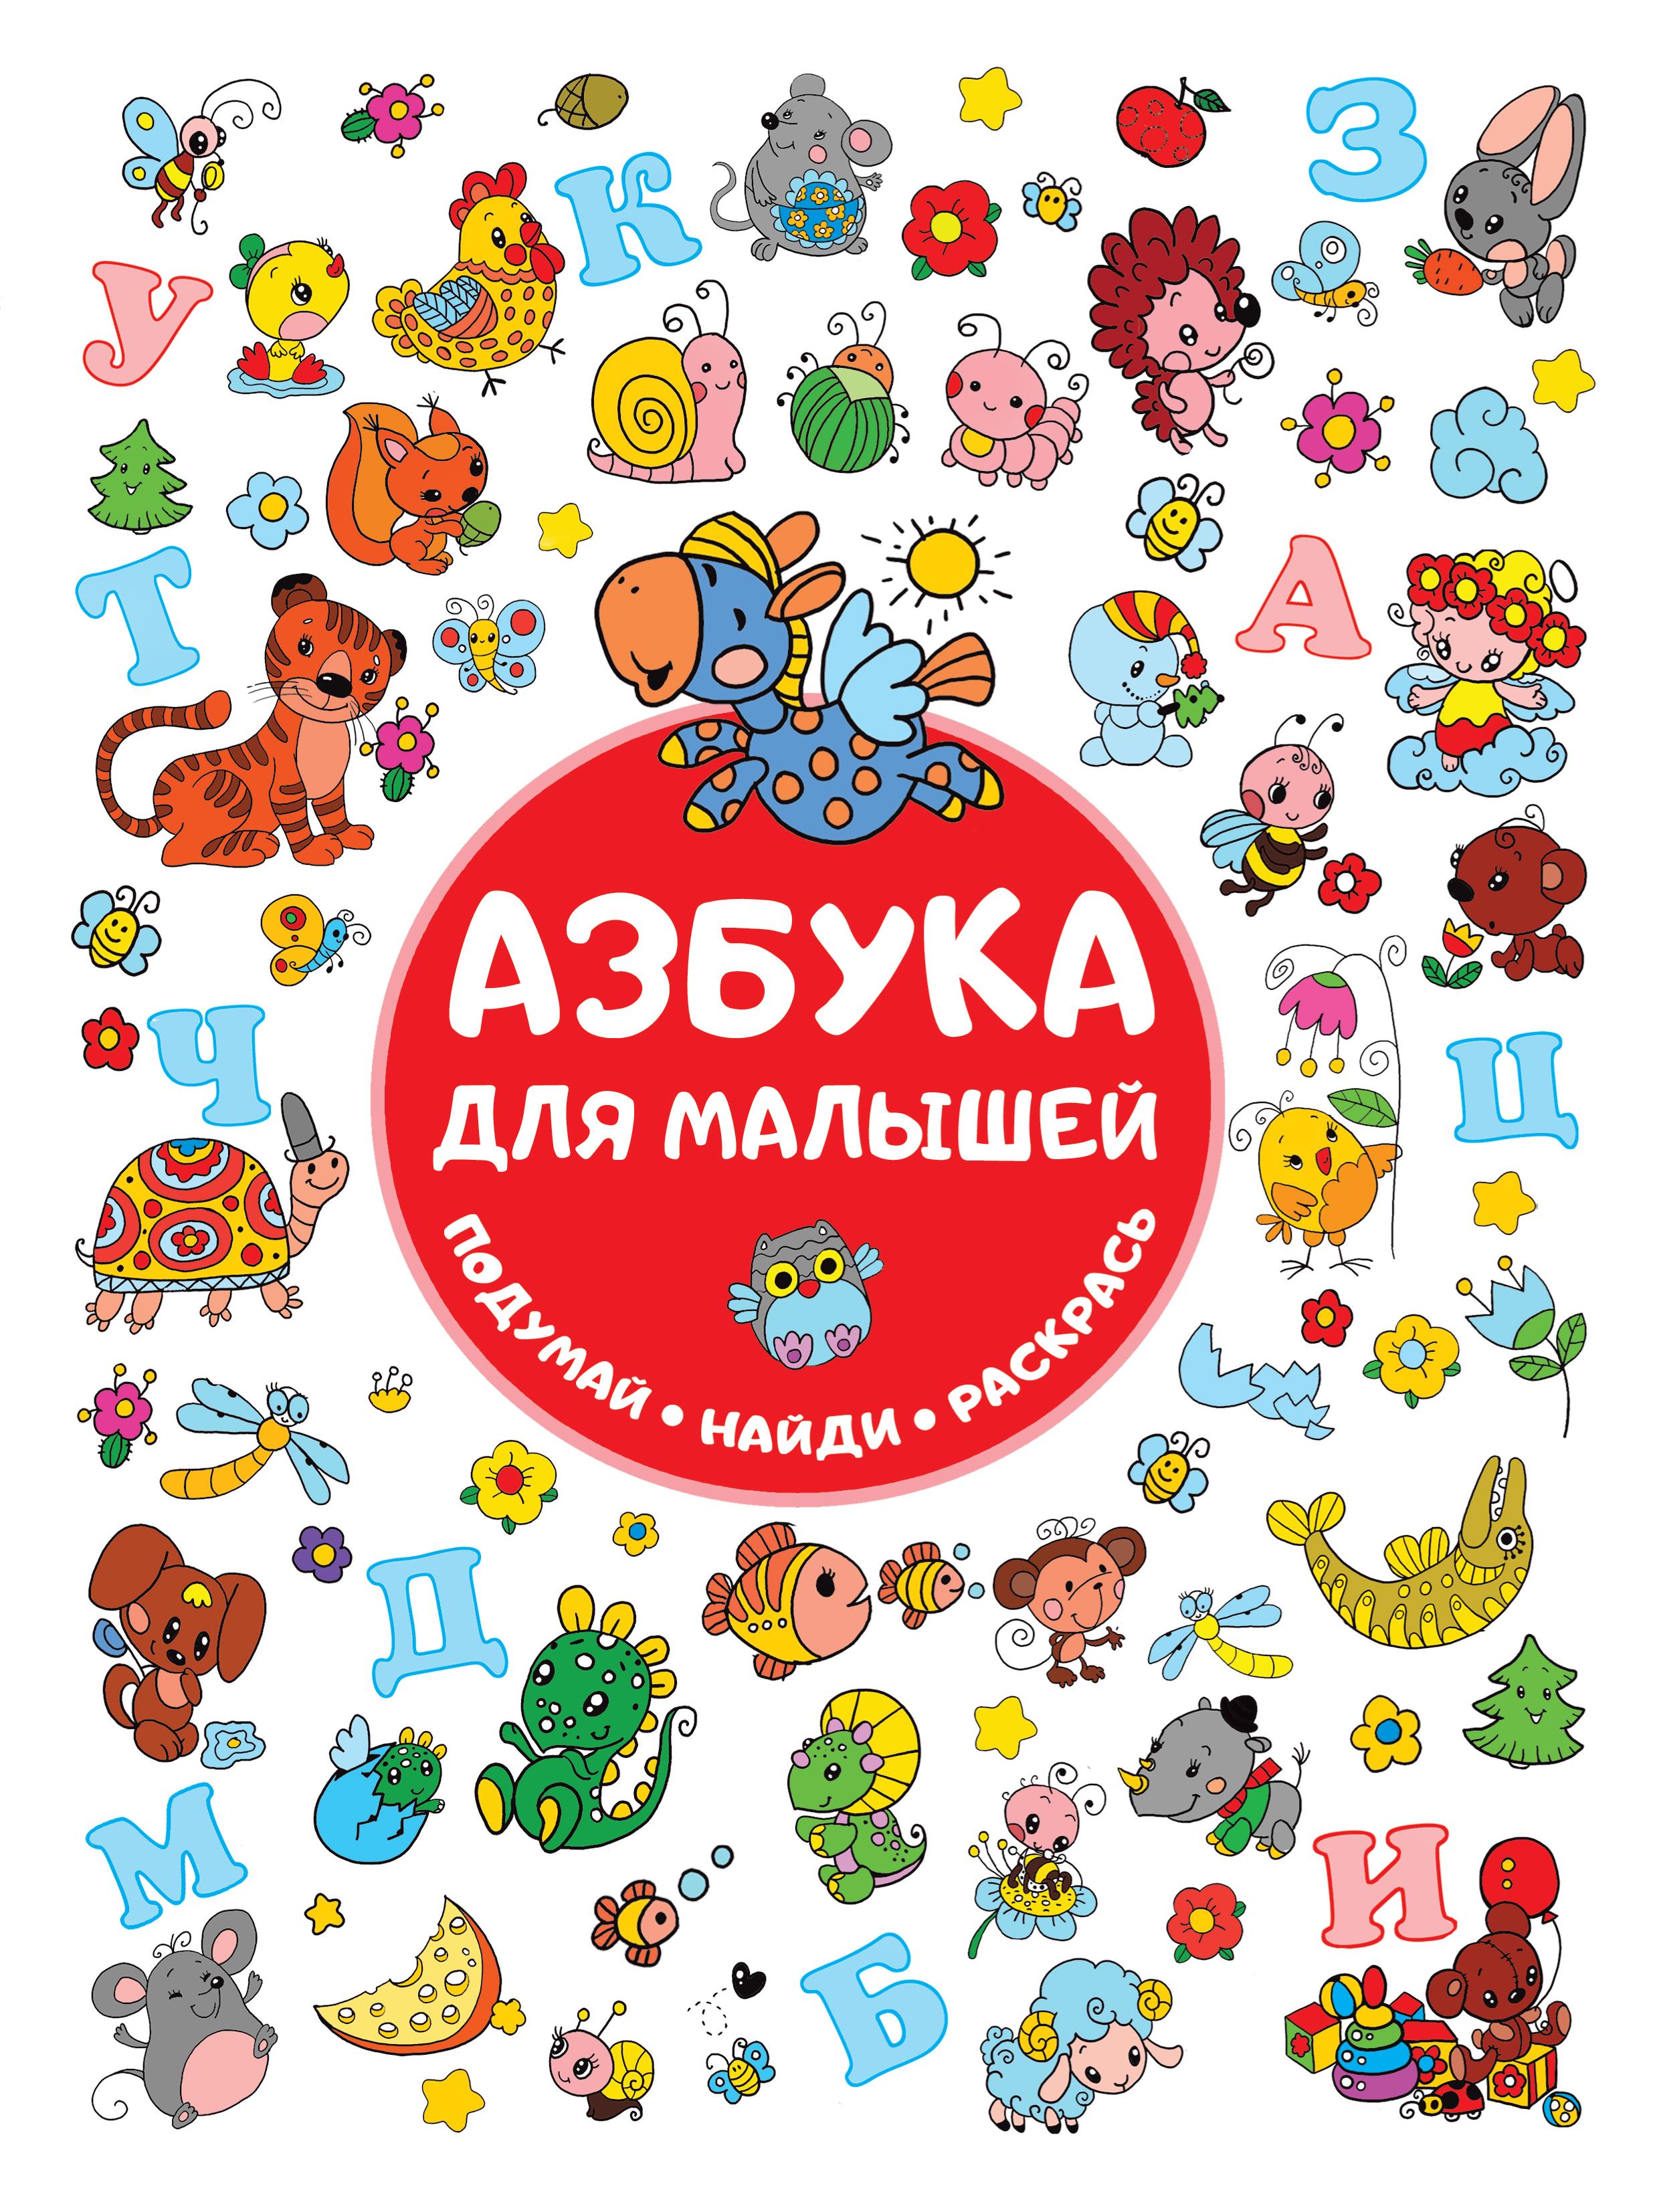 Азбука для малышей ( Горбунова И.В., Глотова М.Д.  )